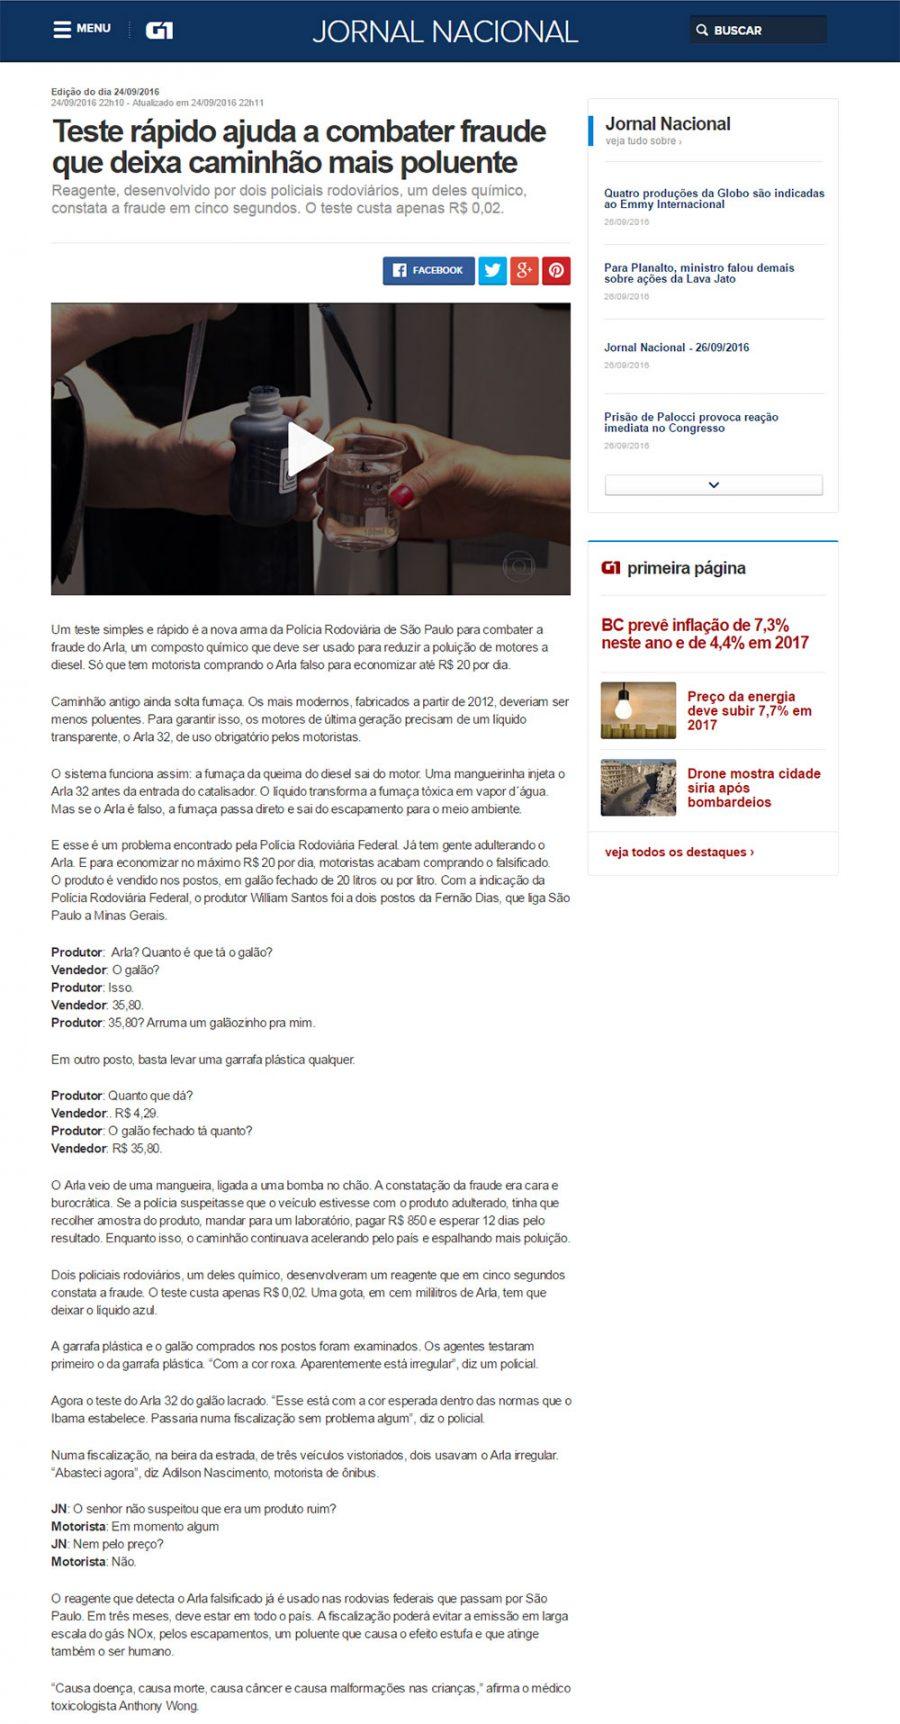 Jornal-Nacional—24.09.16